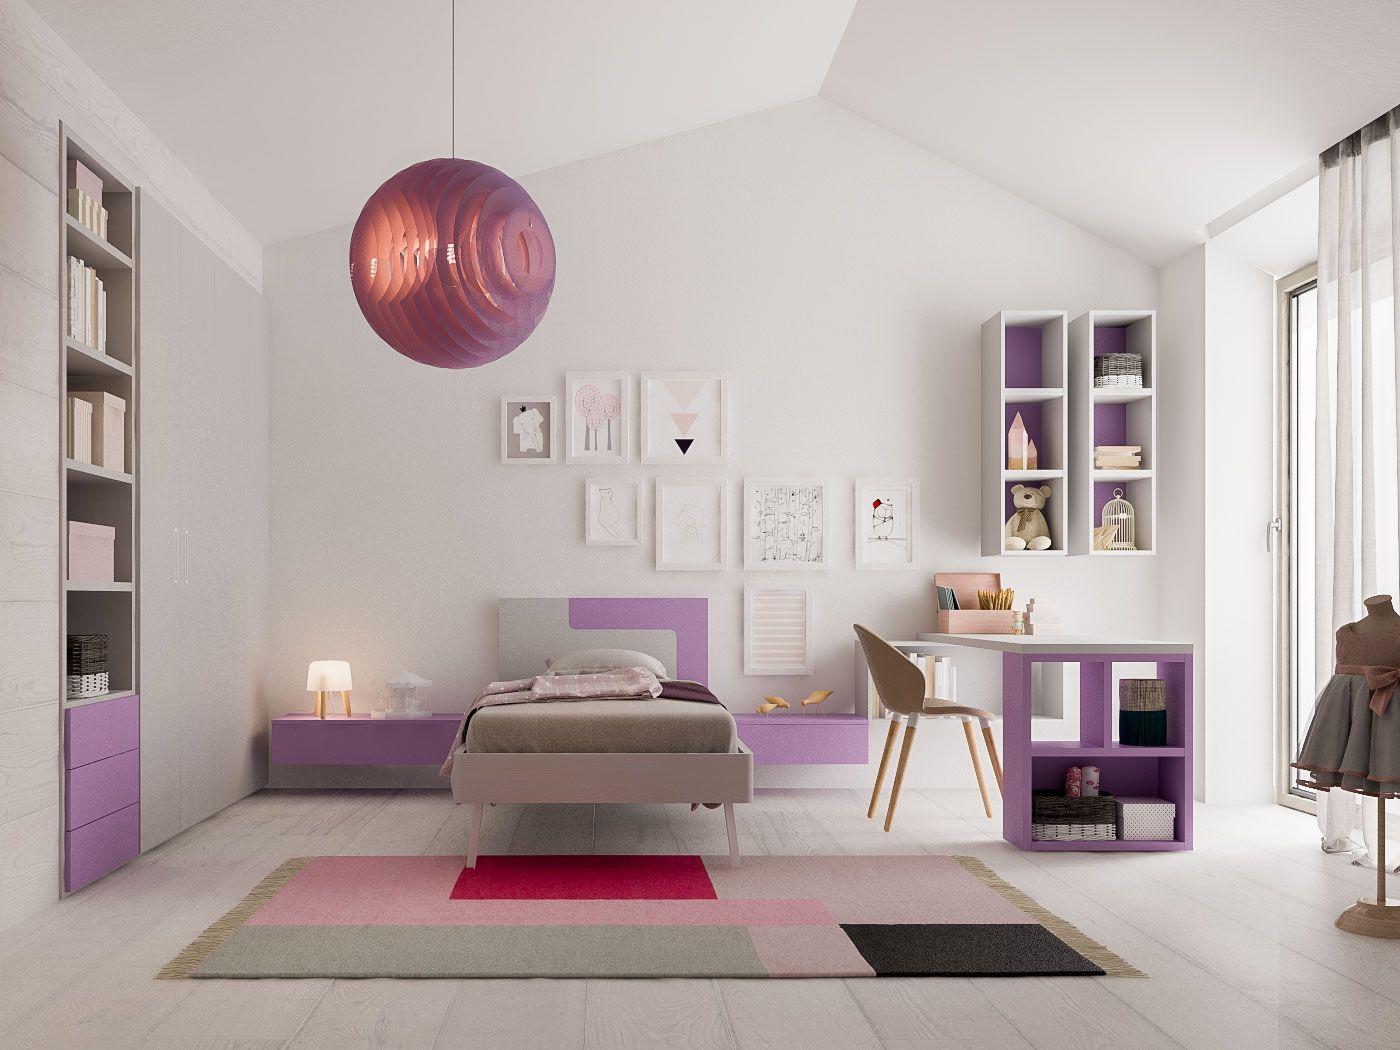 Camerette Nardi ~ Pin by zeppelin jeugdkamers on nardi interni pinterest